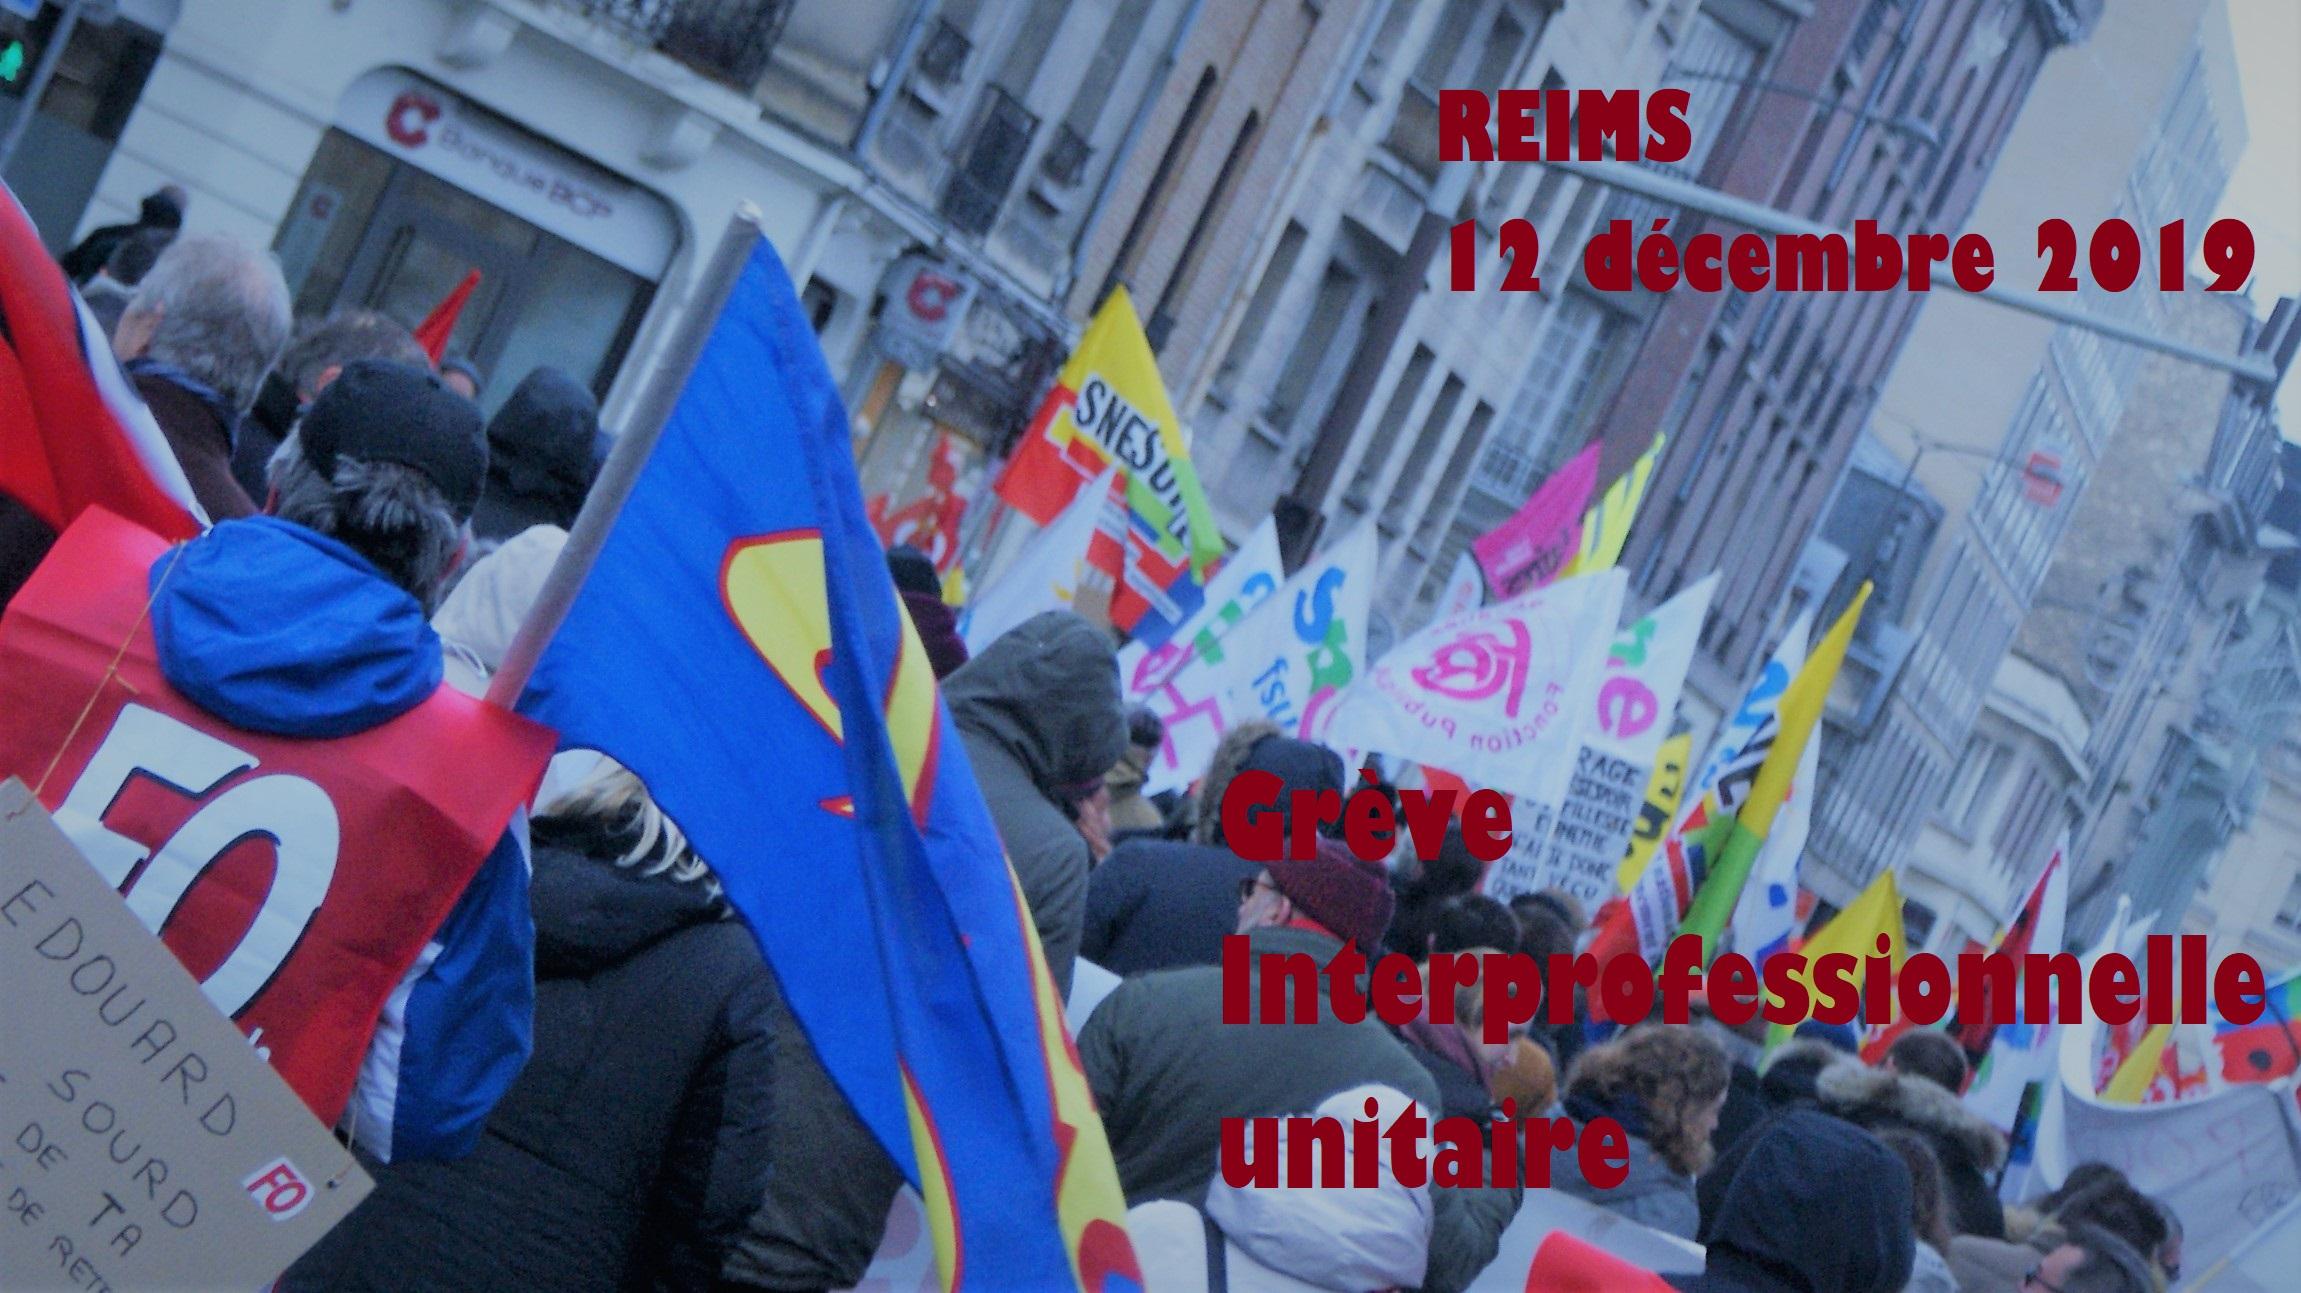 Grève Interprofessionnelle - Reims - Jeudi 12 décembre 2019